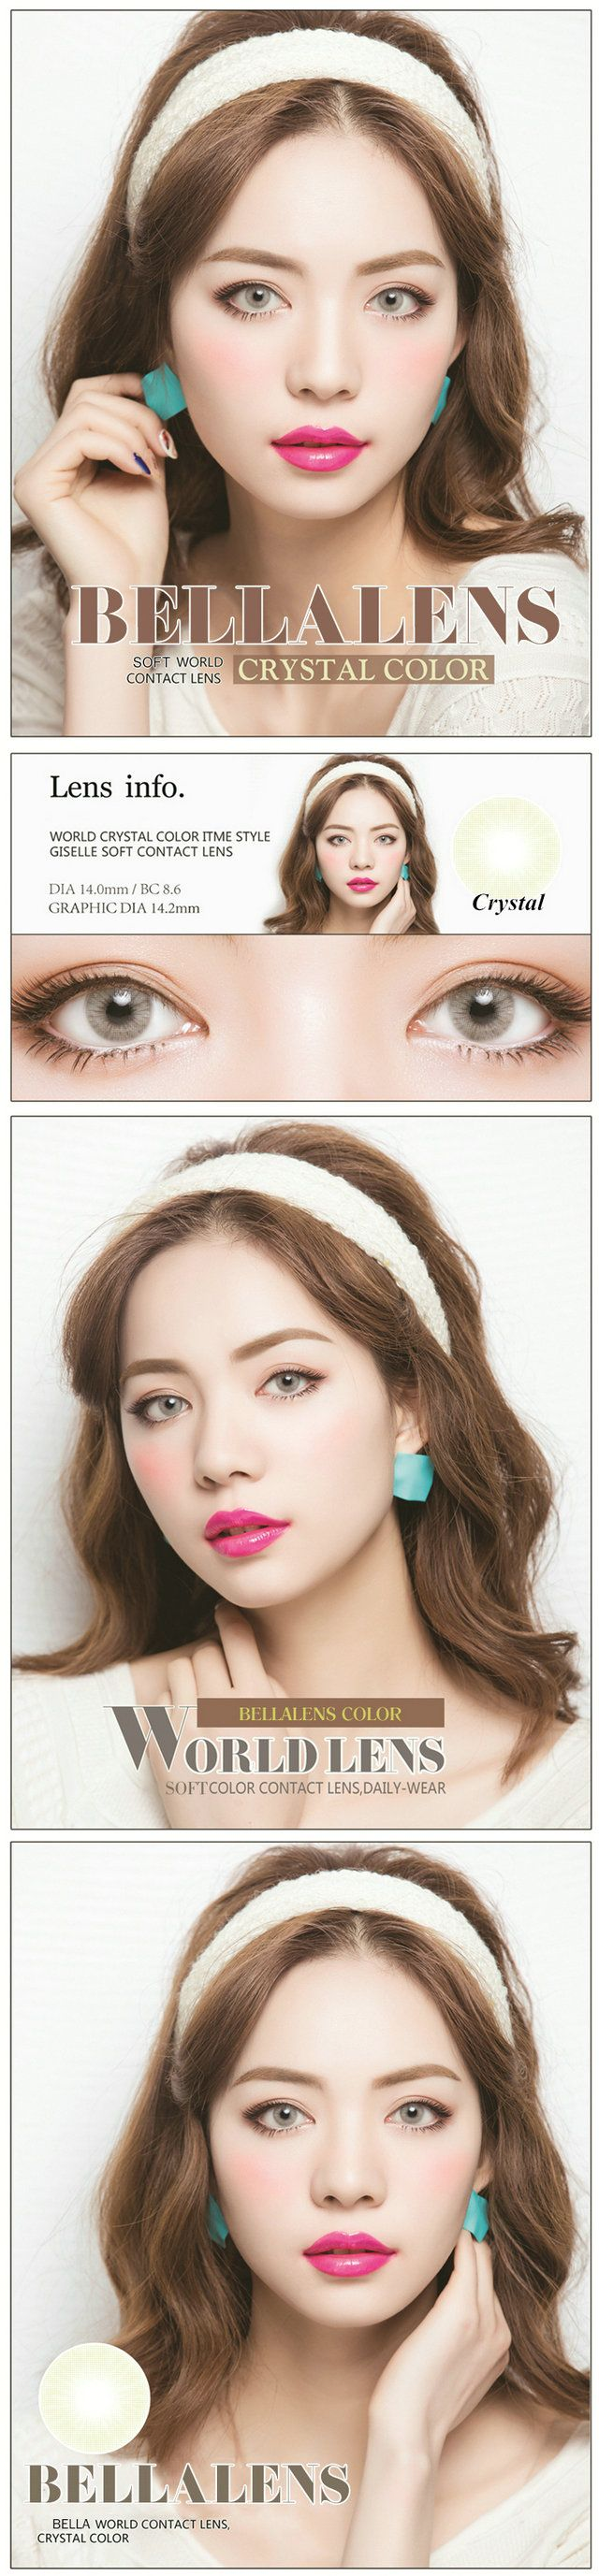 Color contact lenses online shop - 14 20mm Bella Aurora Contact Lens Color Crystal Gray 16 99 Contactlensdropshipping Com